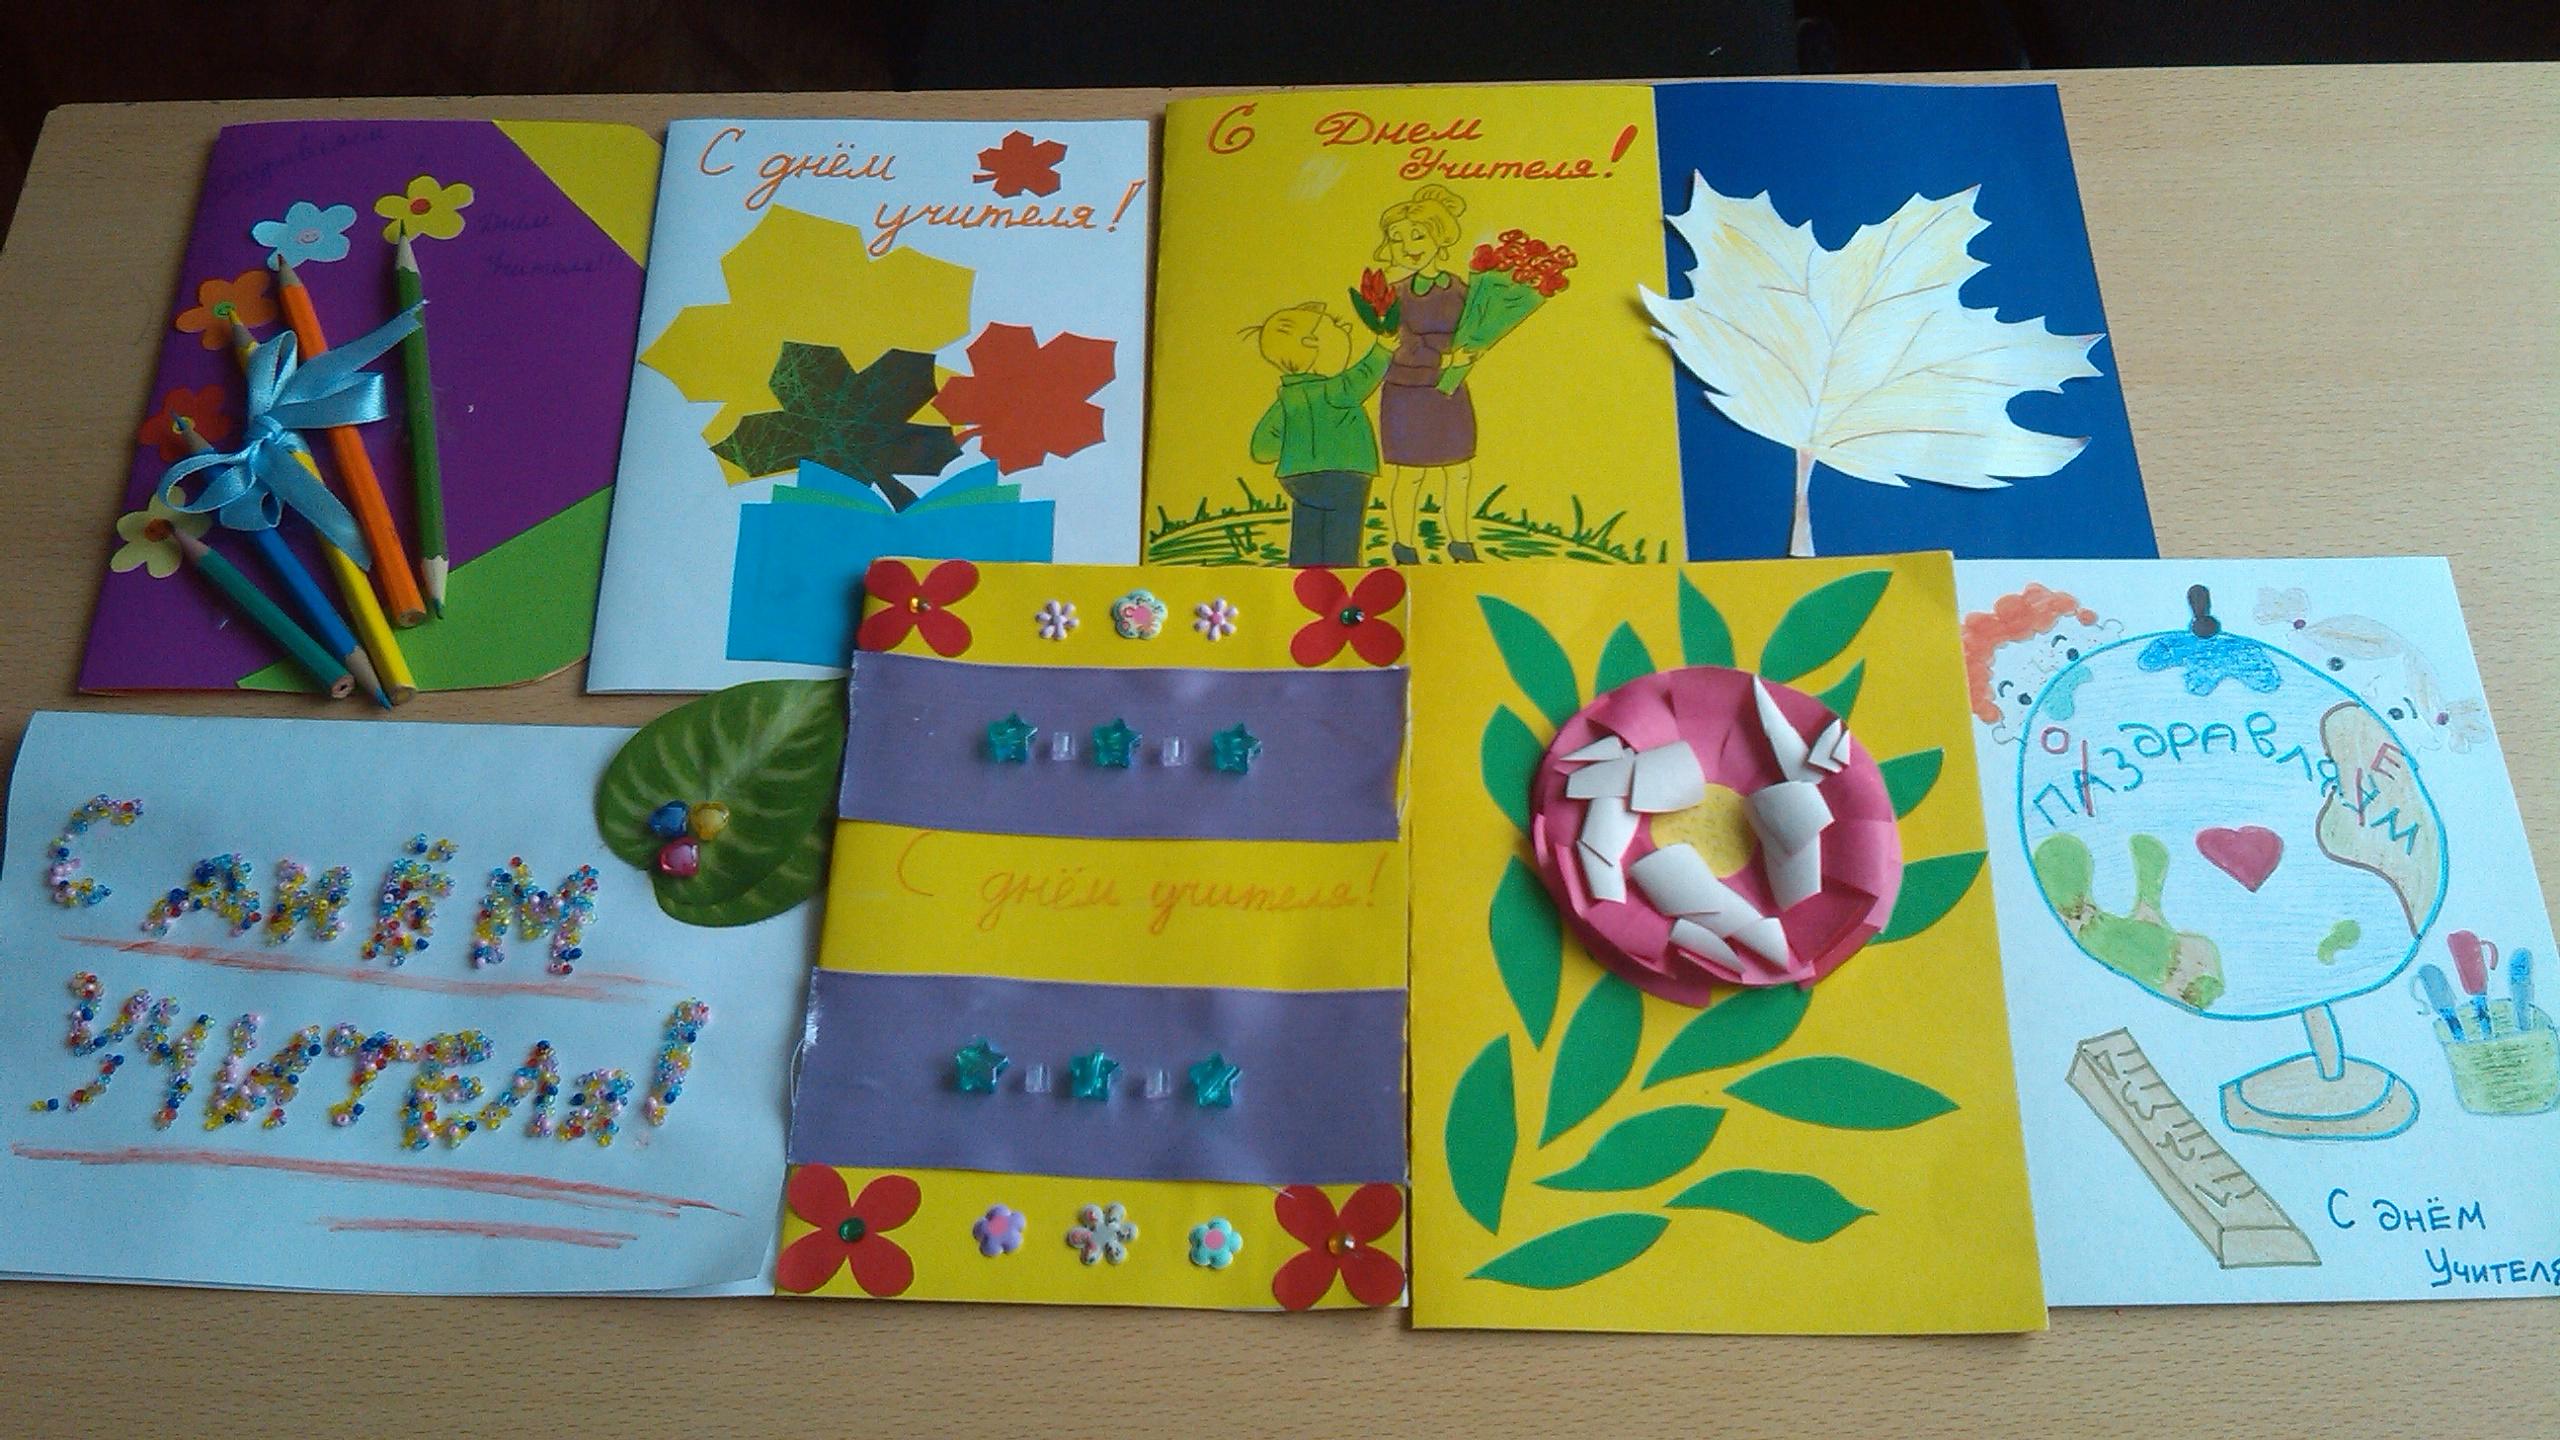 Как сделать открытку на день учителя своими руками: интересные идеи